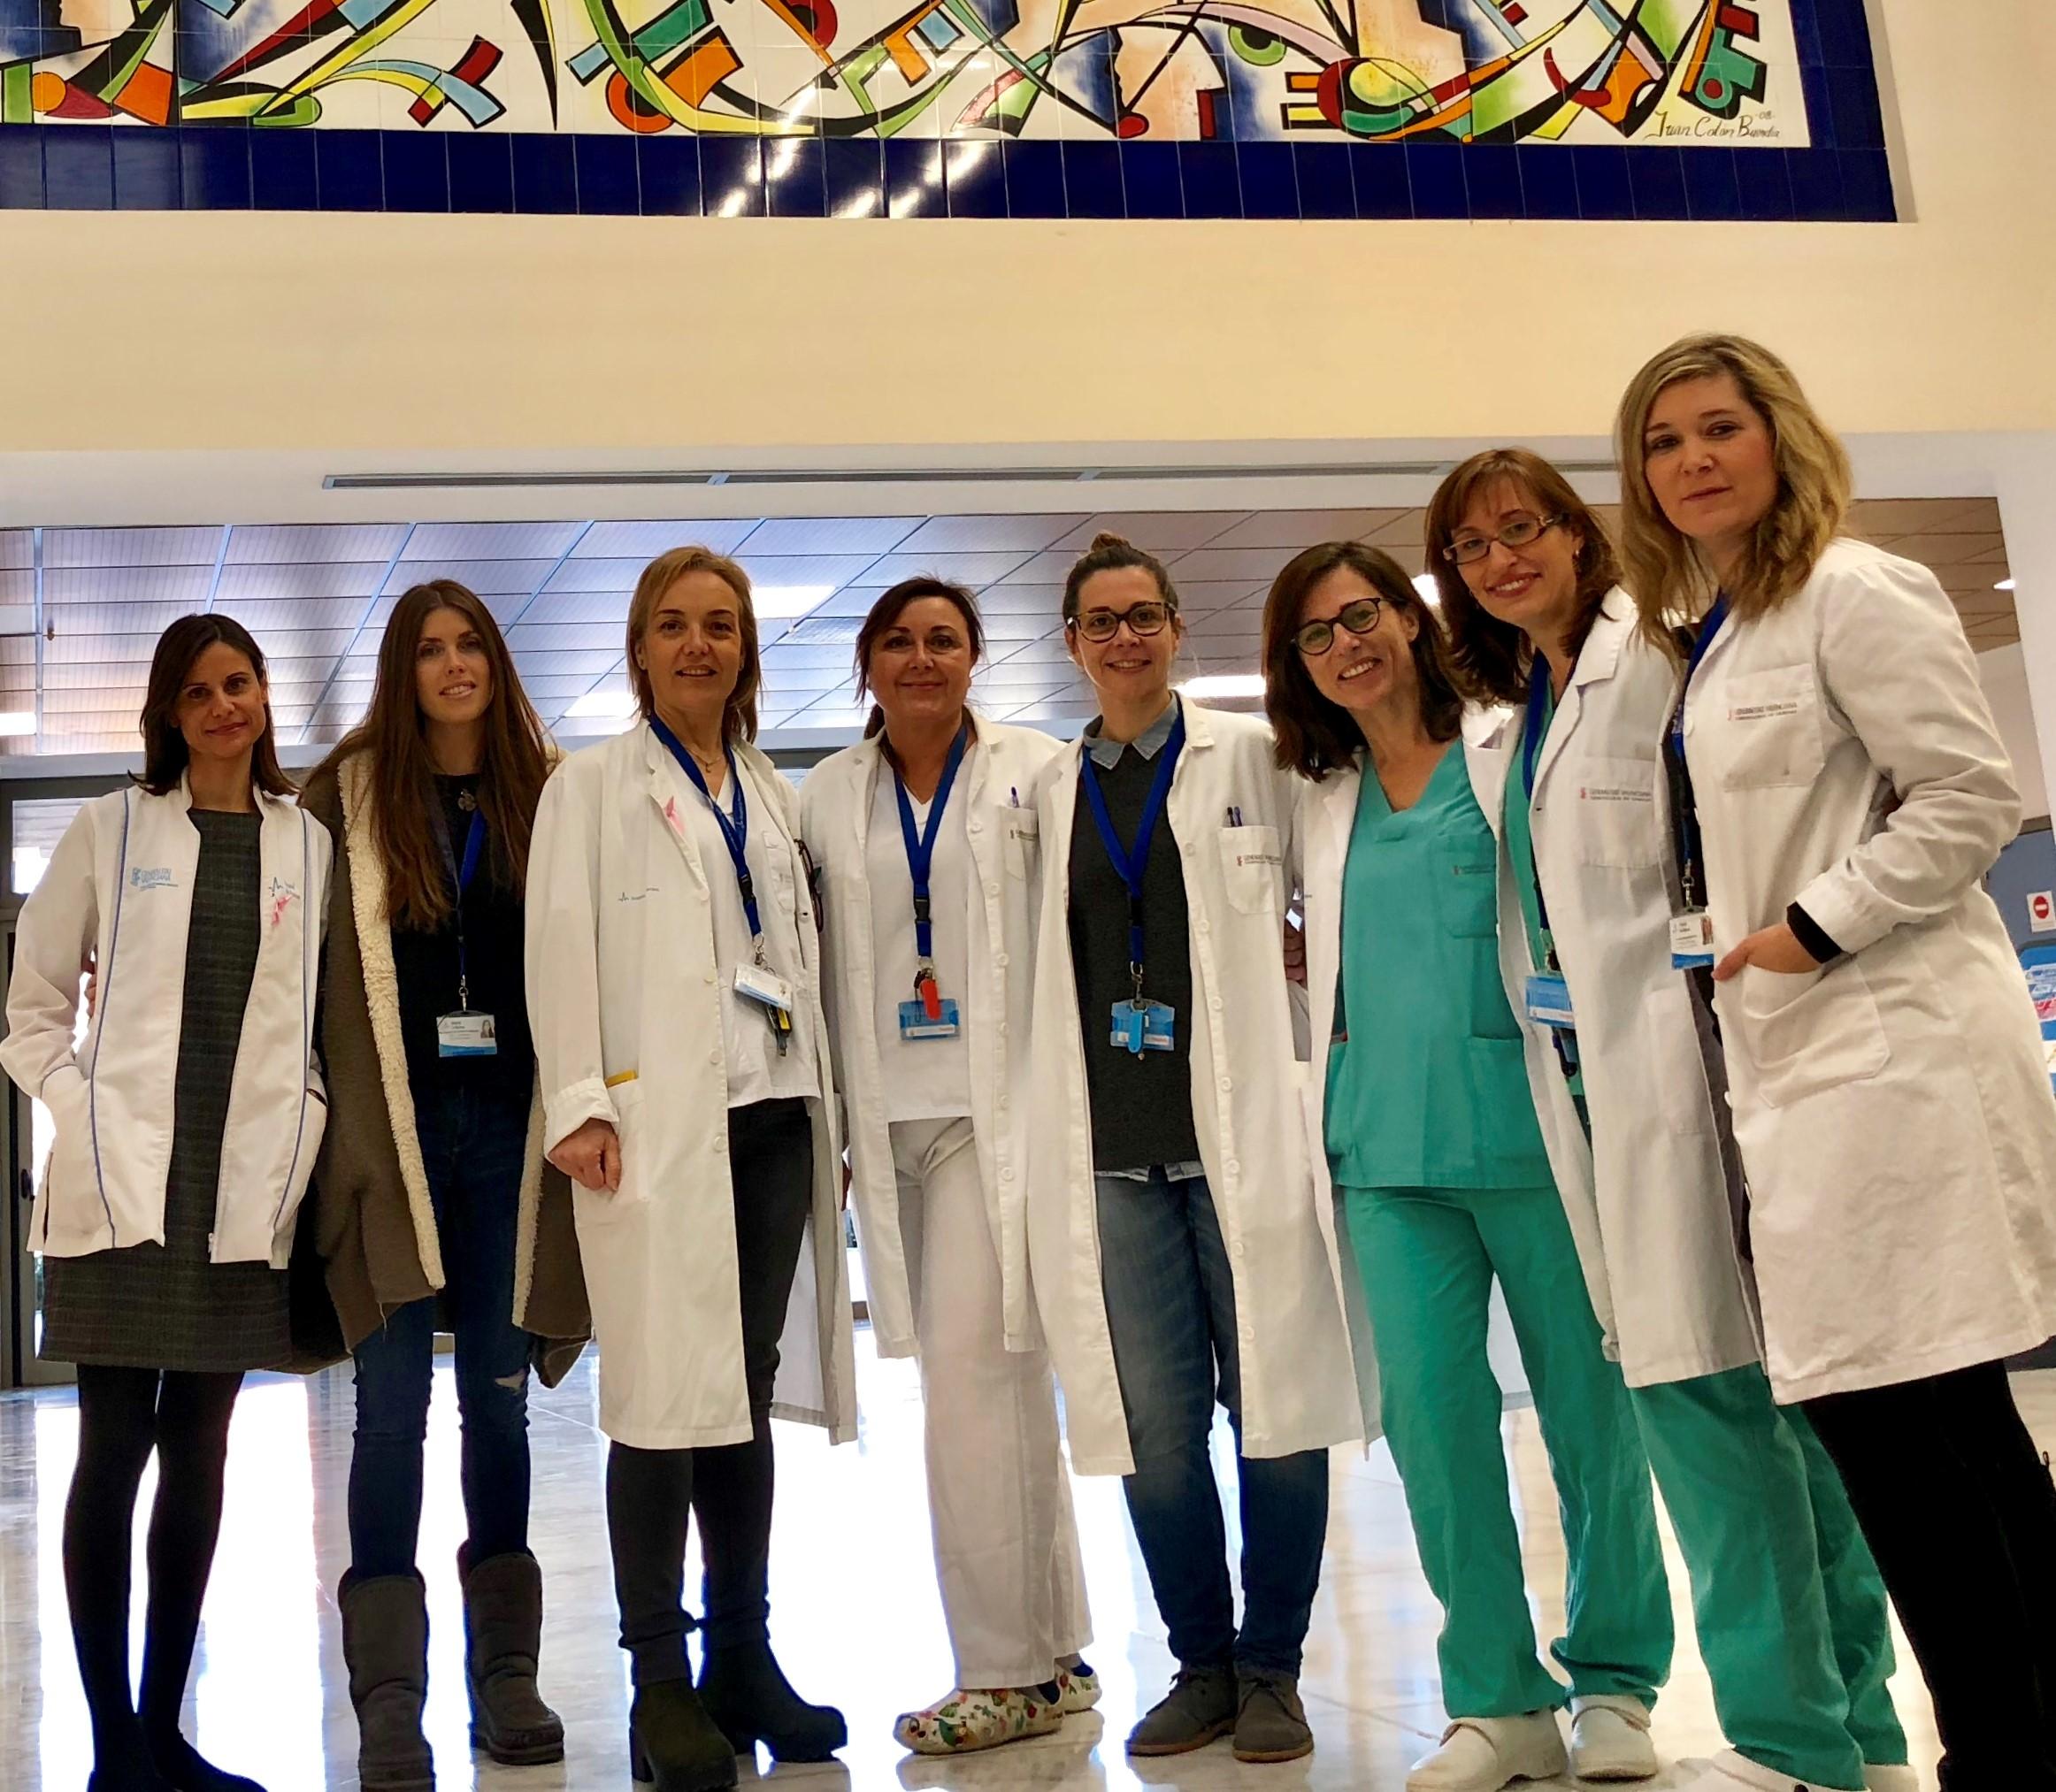 El 48%de los proyectos de investigación del Hospital son liderados por mujeres.